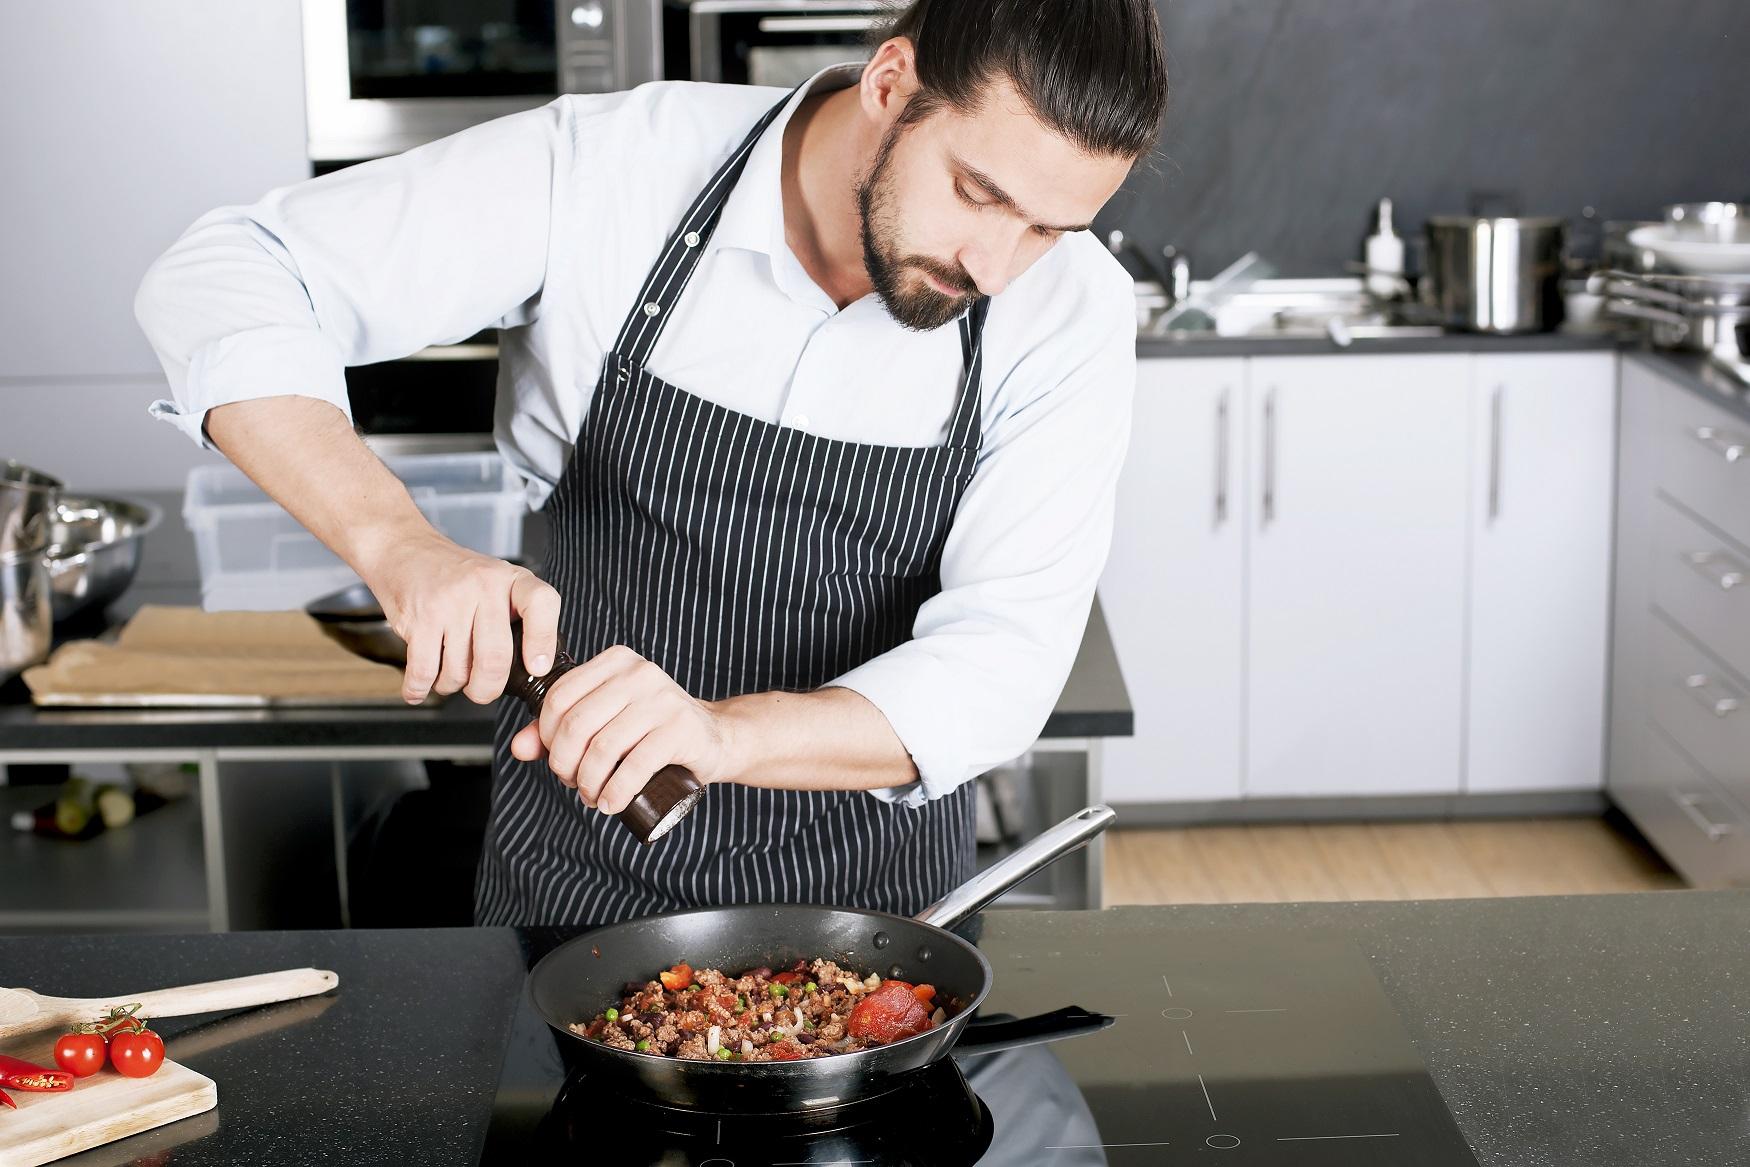 『自炊してる』『料理が趣味』この差は何だと思い …